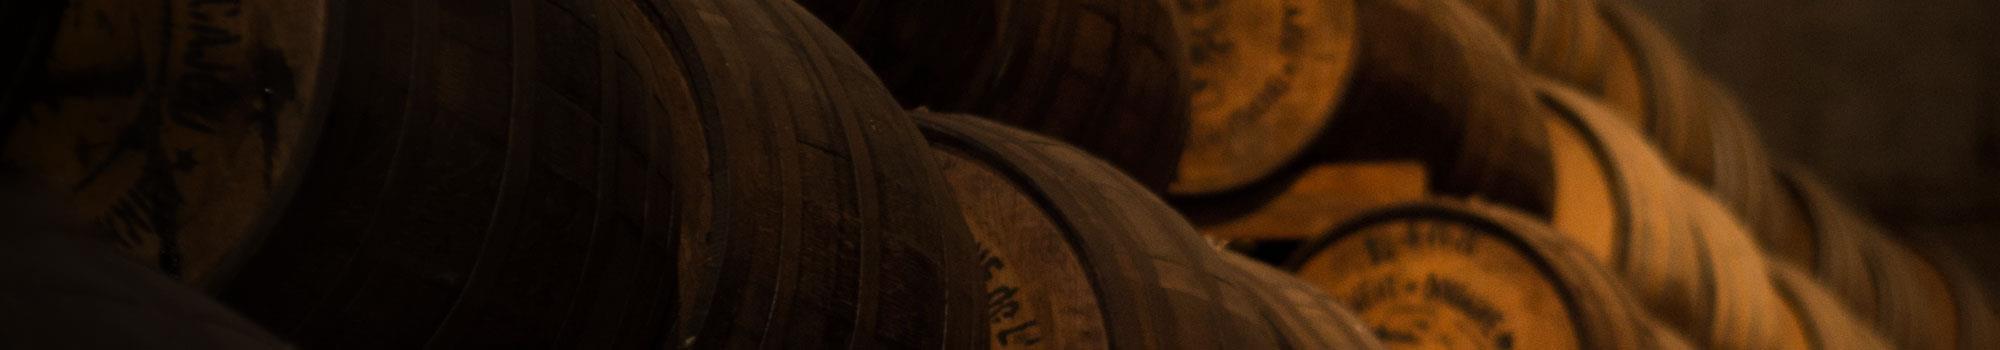 Rye/Corn Whiskey